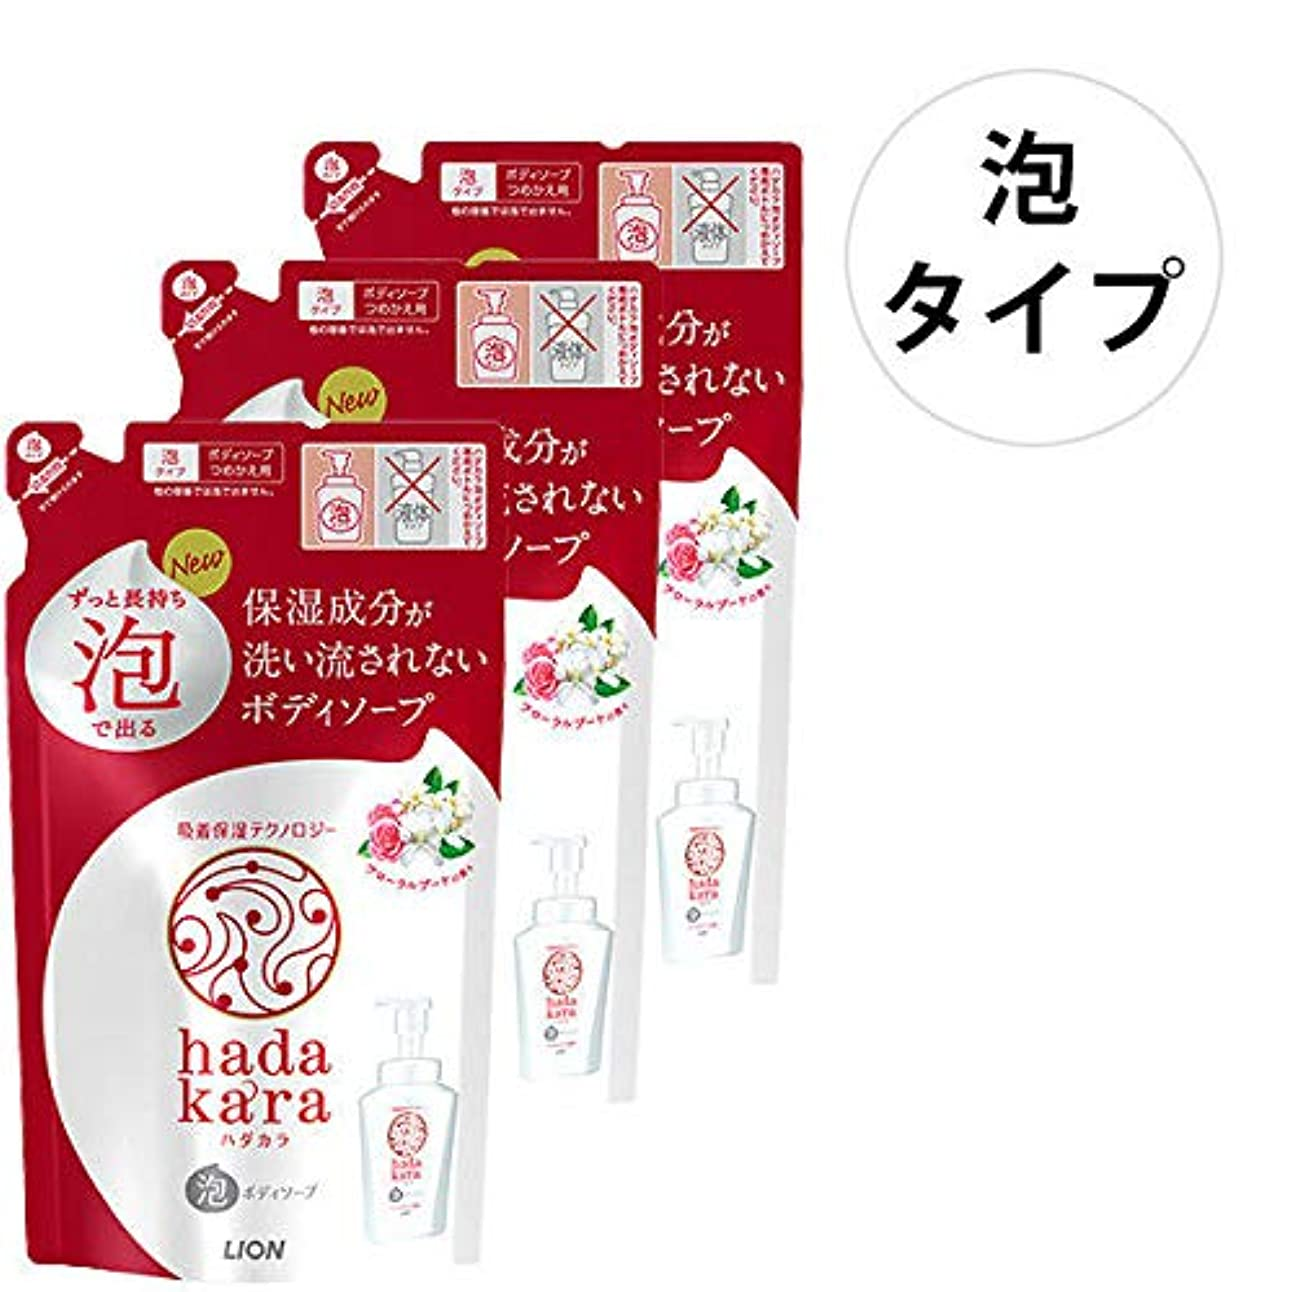 大騒ぎ残酷実行hadakara(ハダカラ) ボディソープ 泡タイプ フローラルブーケの香り 詰替 440ml